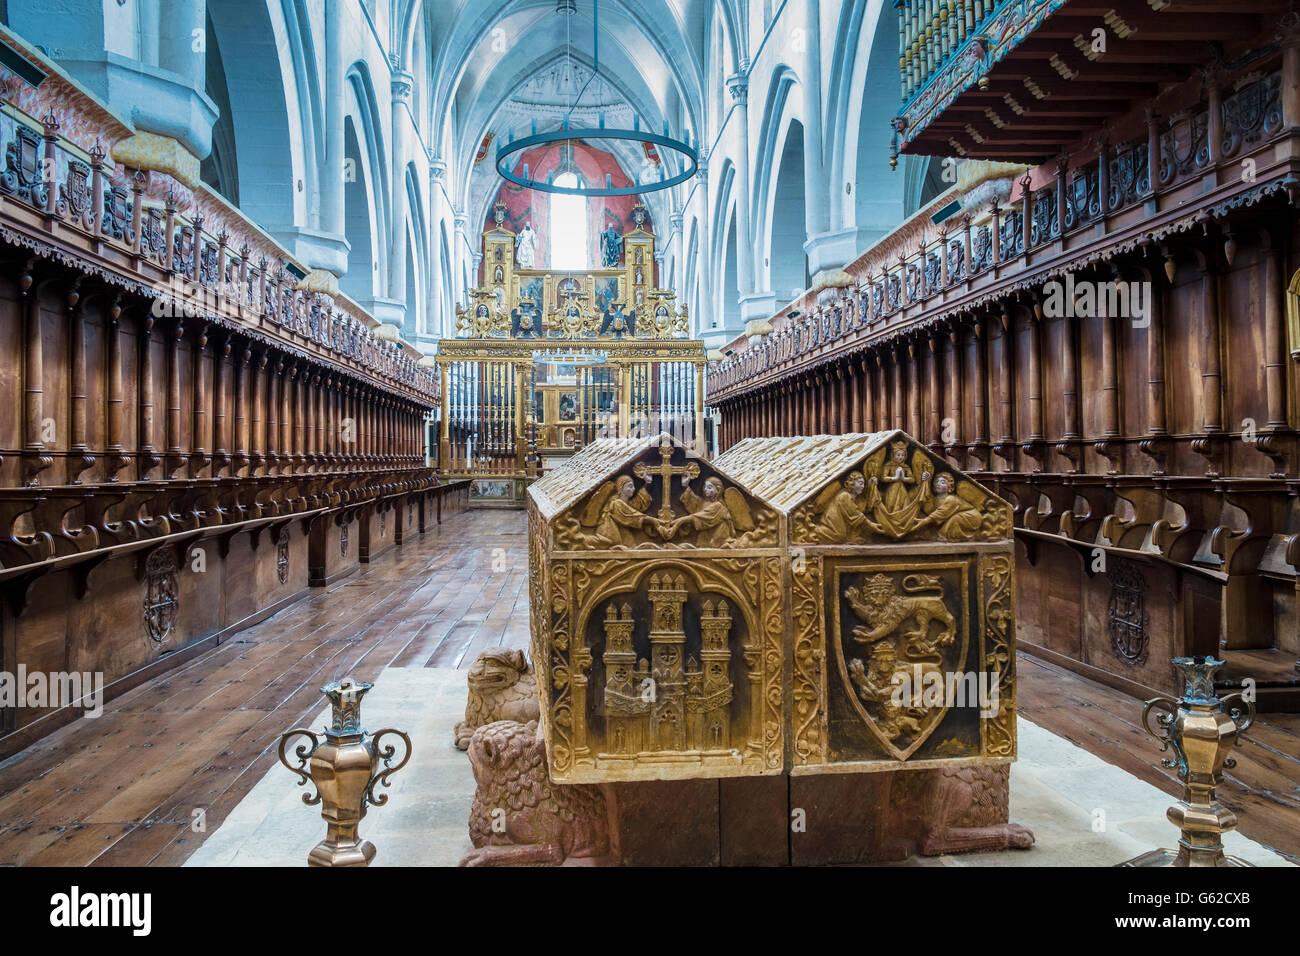 Španija  - Page 4 Abbey-monastery-of-santa-maria-la-real-de-las-huelgas-in-burgos-a-G62CXB